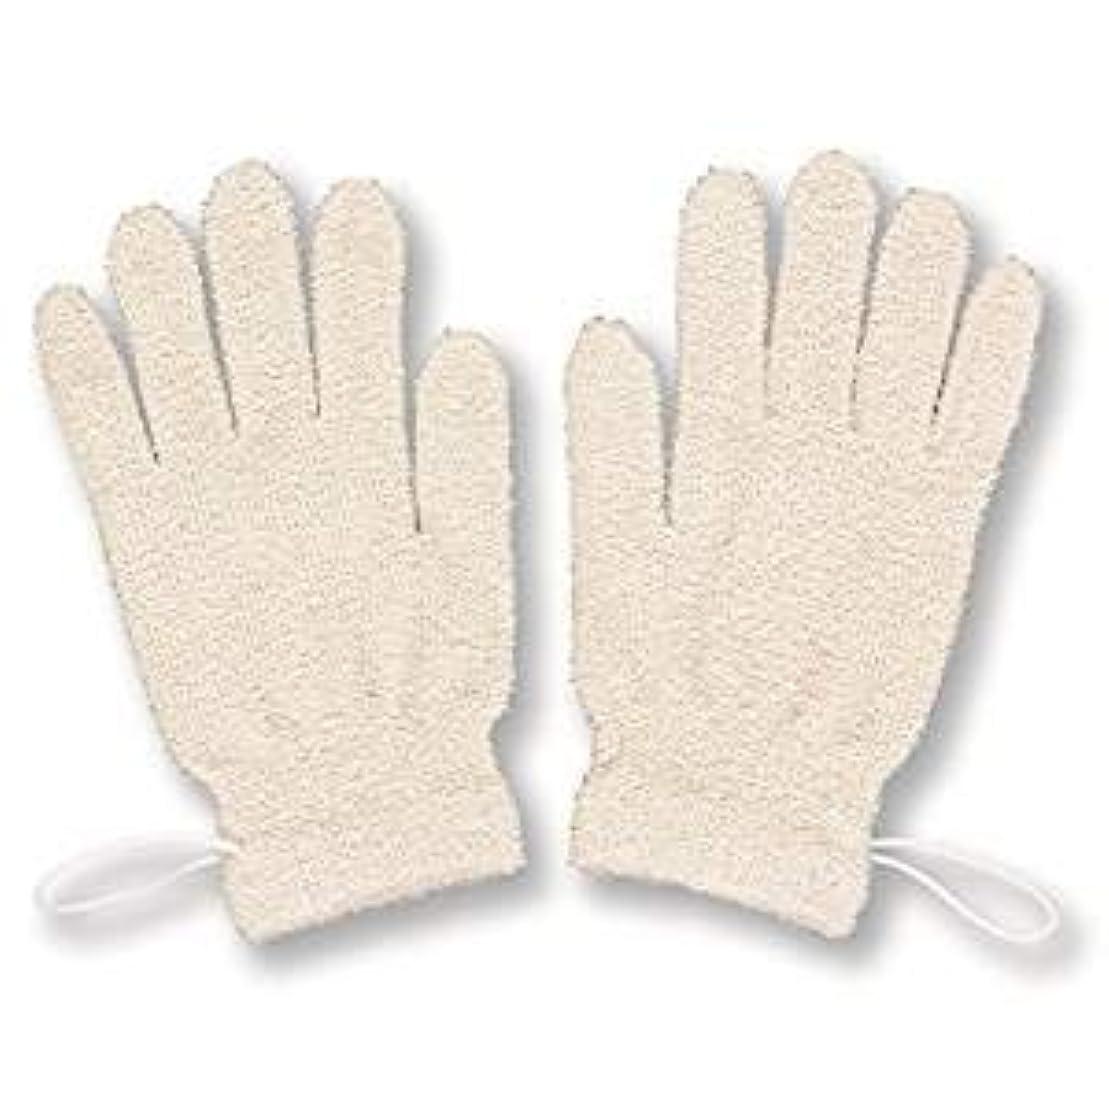 かわすブルーベルインデックスシルク ボディウォッシュ グローブ手袋[2枚](0731)